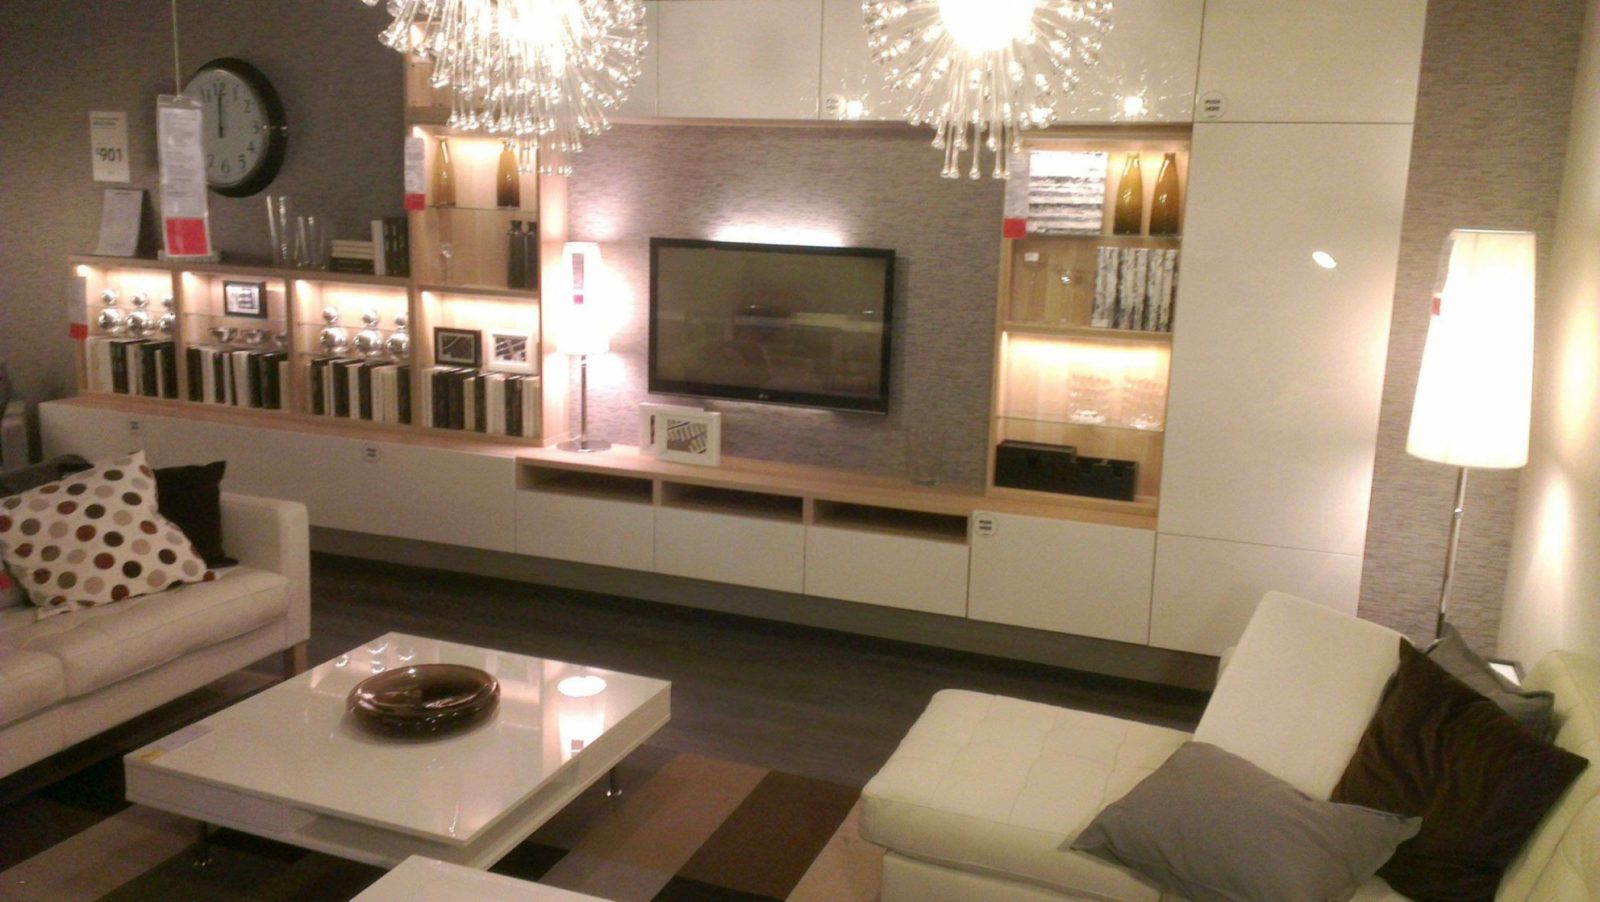 Fernseher Verstecken Selber Machen — Temobardz Home Blog von Fernseher Im Wohnzimmer Verstecken Bild